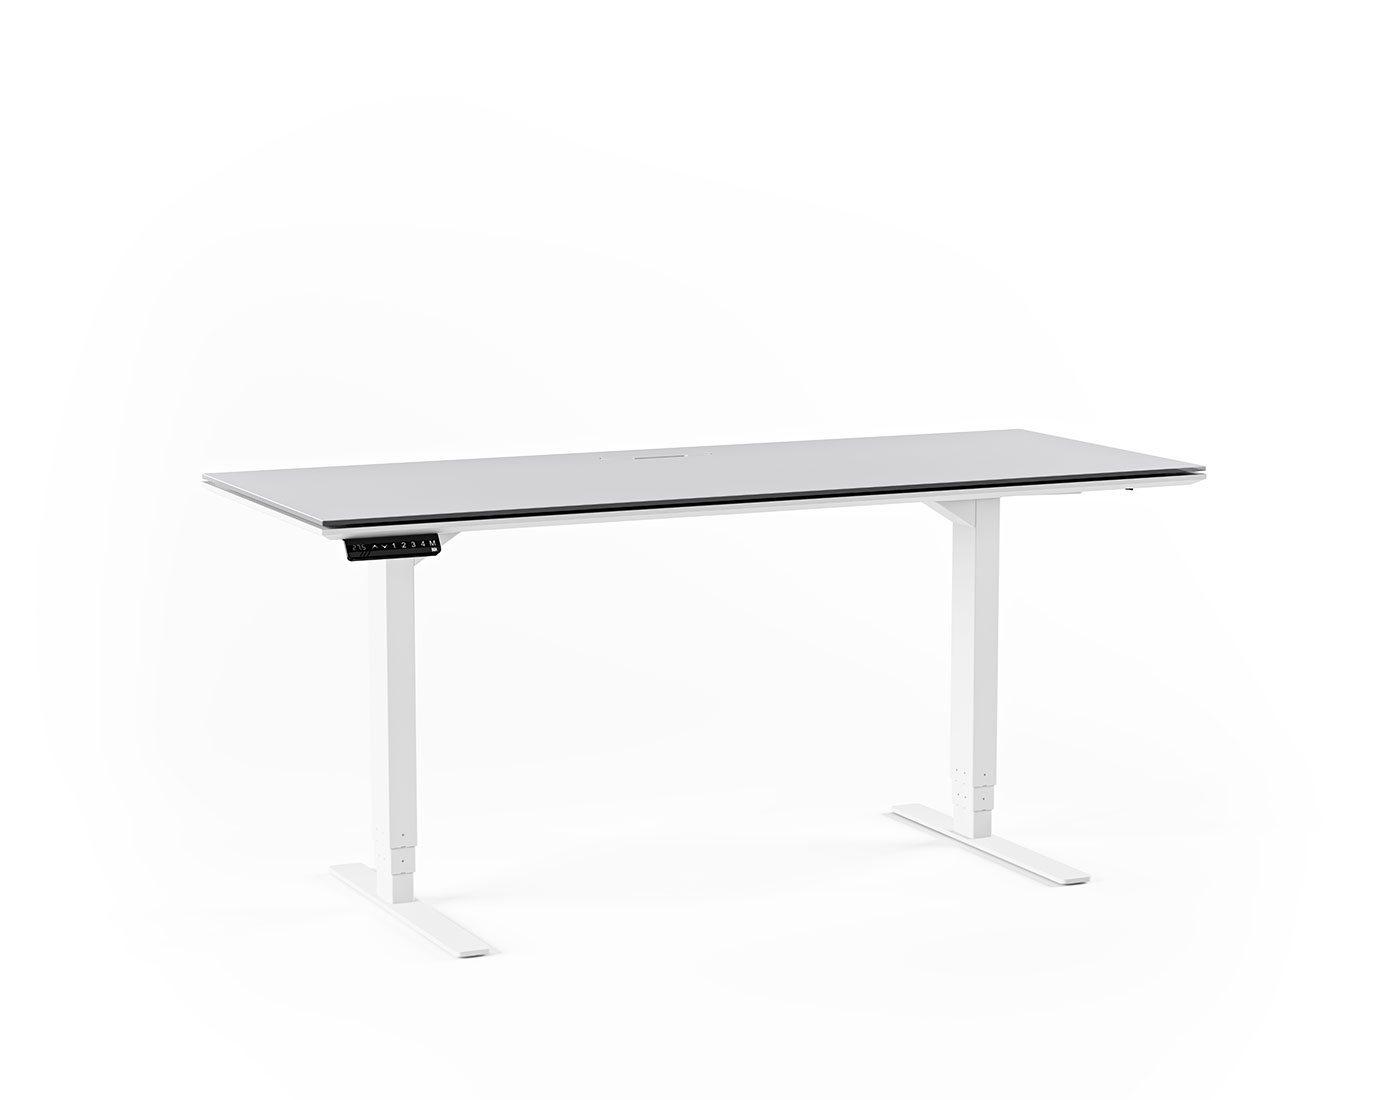 centro_lift_desk_6451_bdi_standing_desk_0